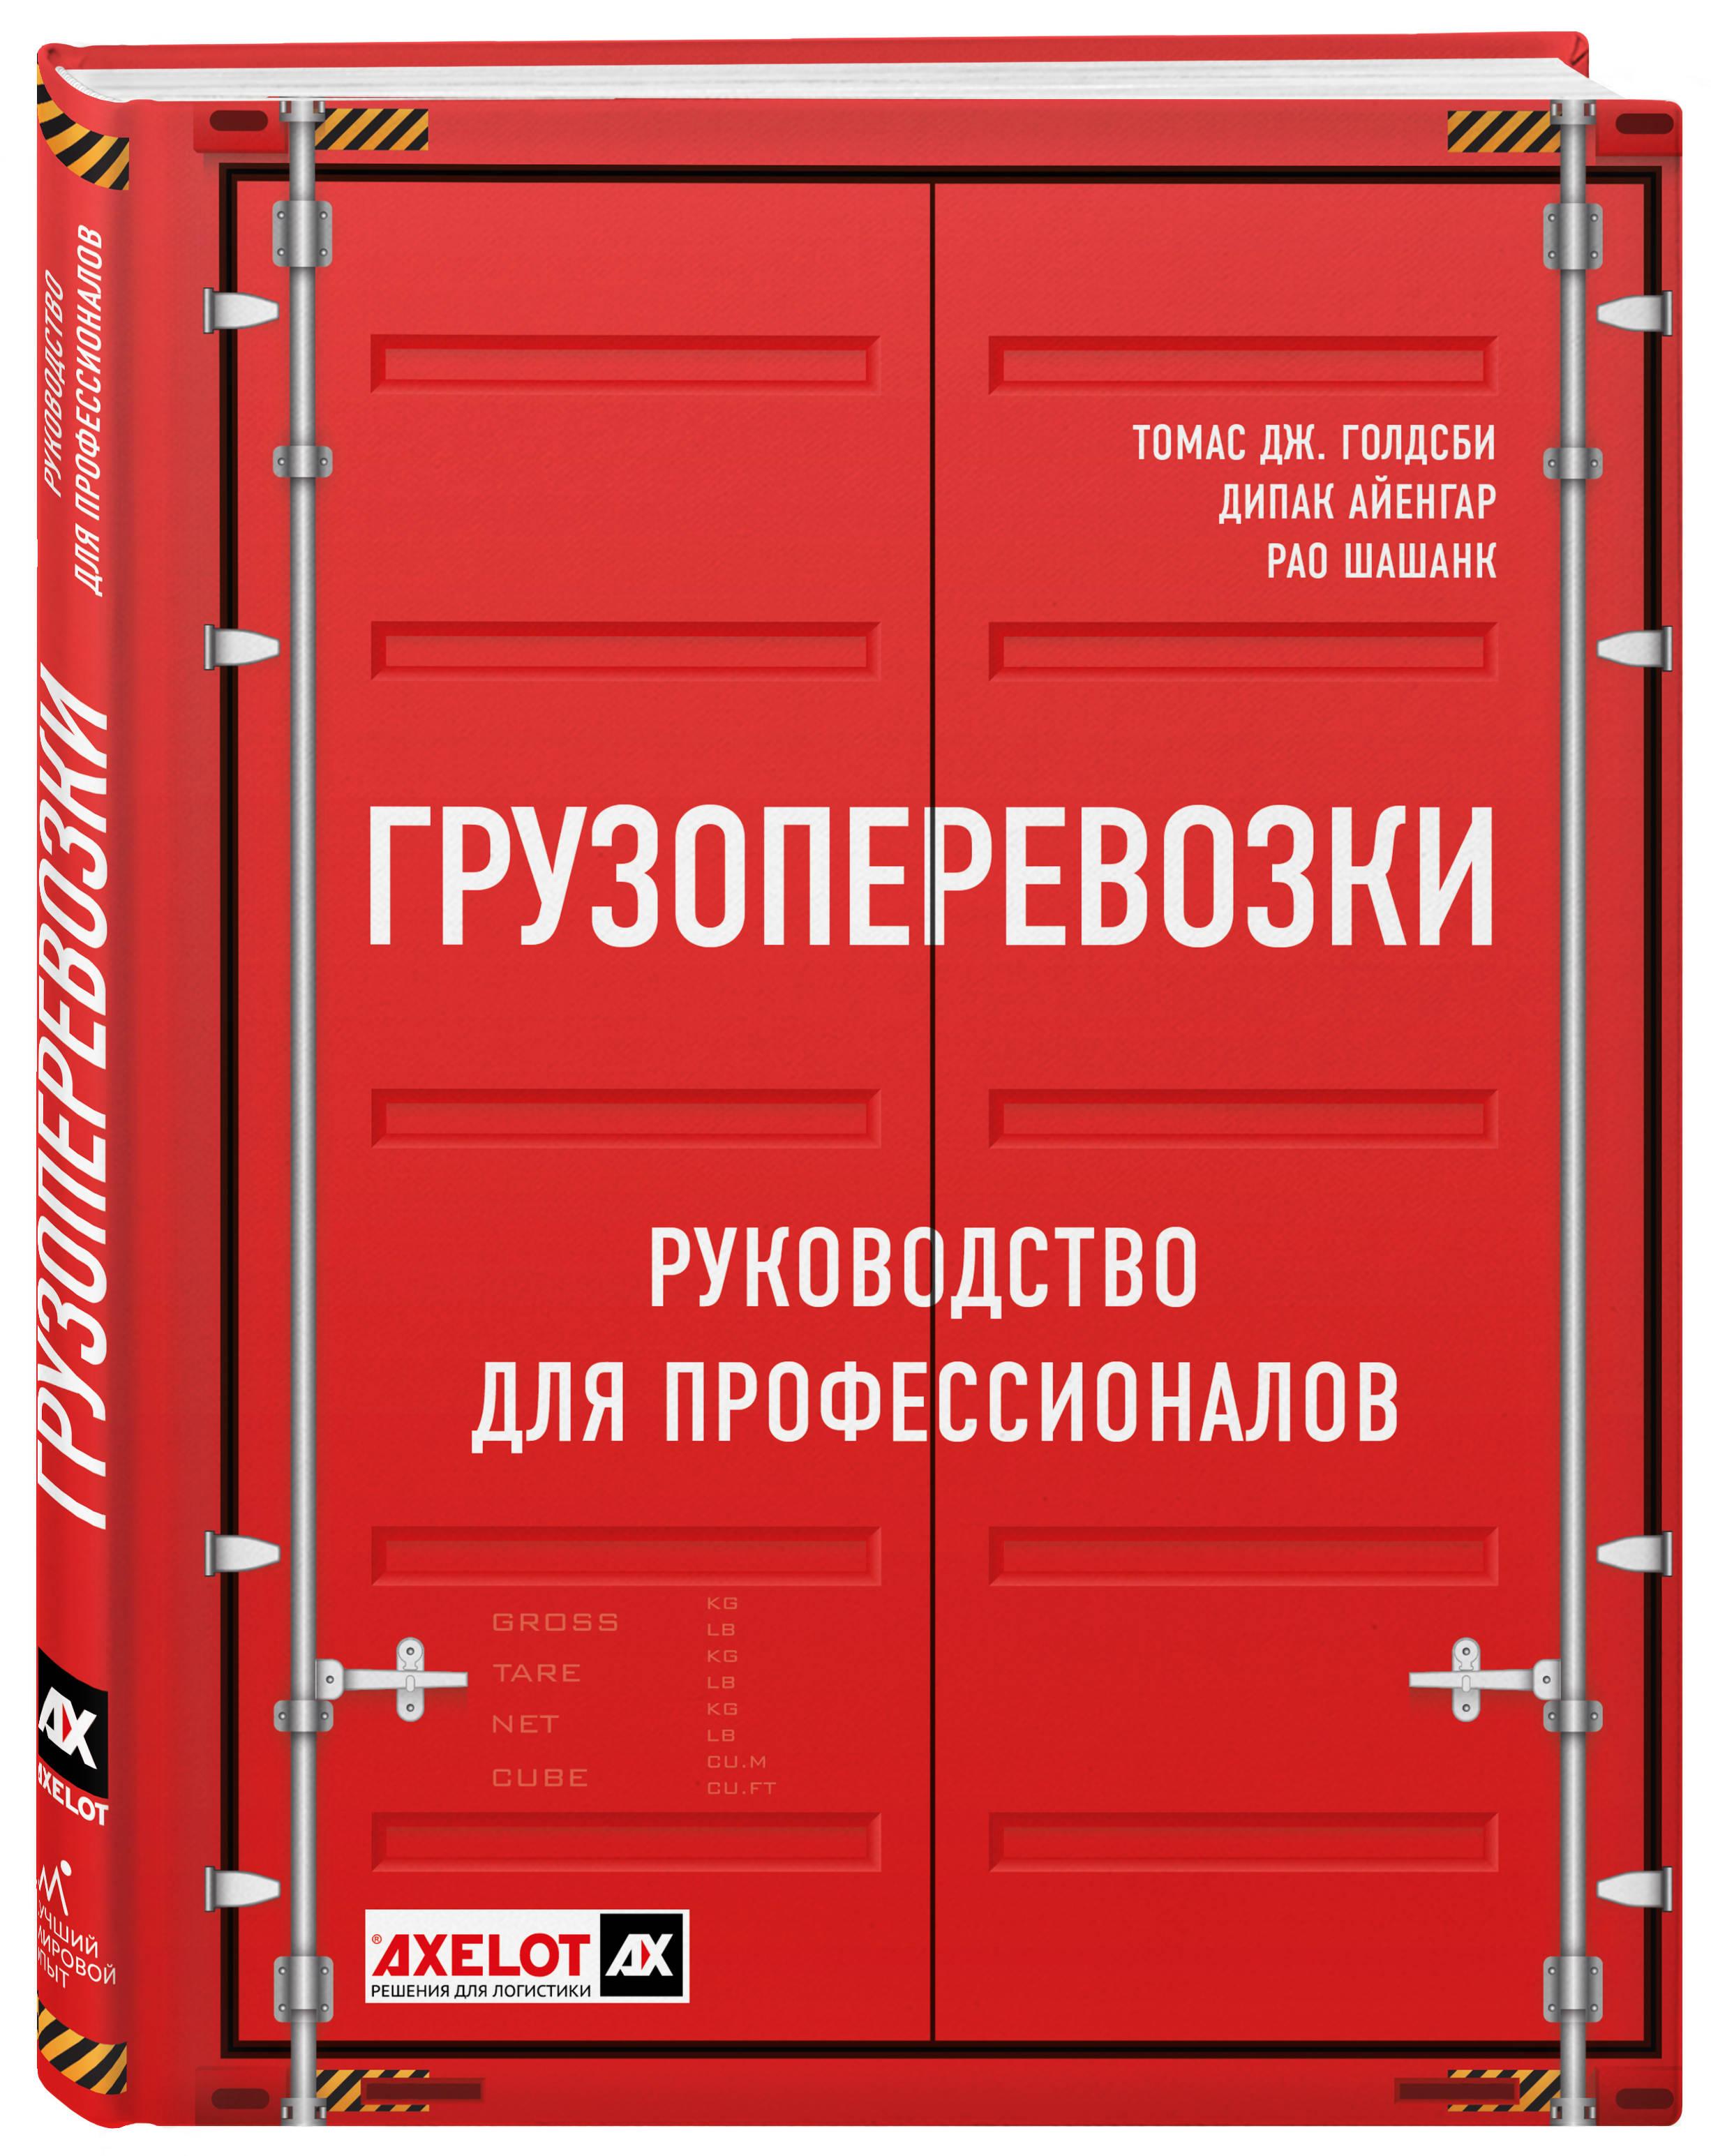 Грузоперевозки. Руководство для профессионалов. 2-е изд. ( Голдсби Томас Дж., Айенгар Дипак, Рао Шэшанк  )